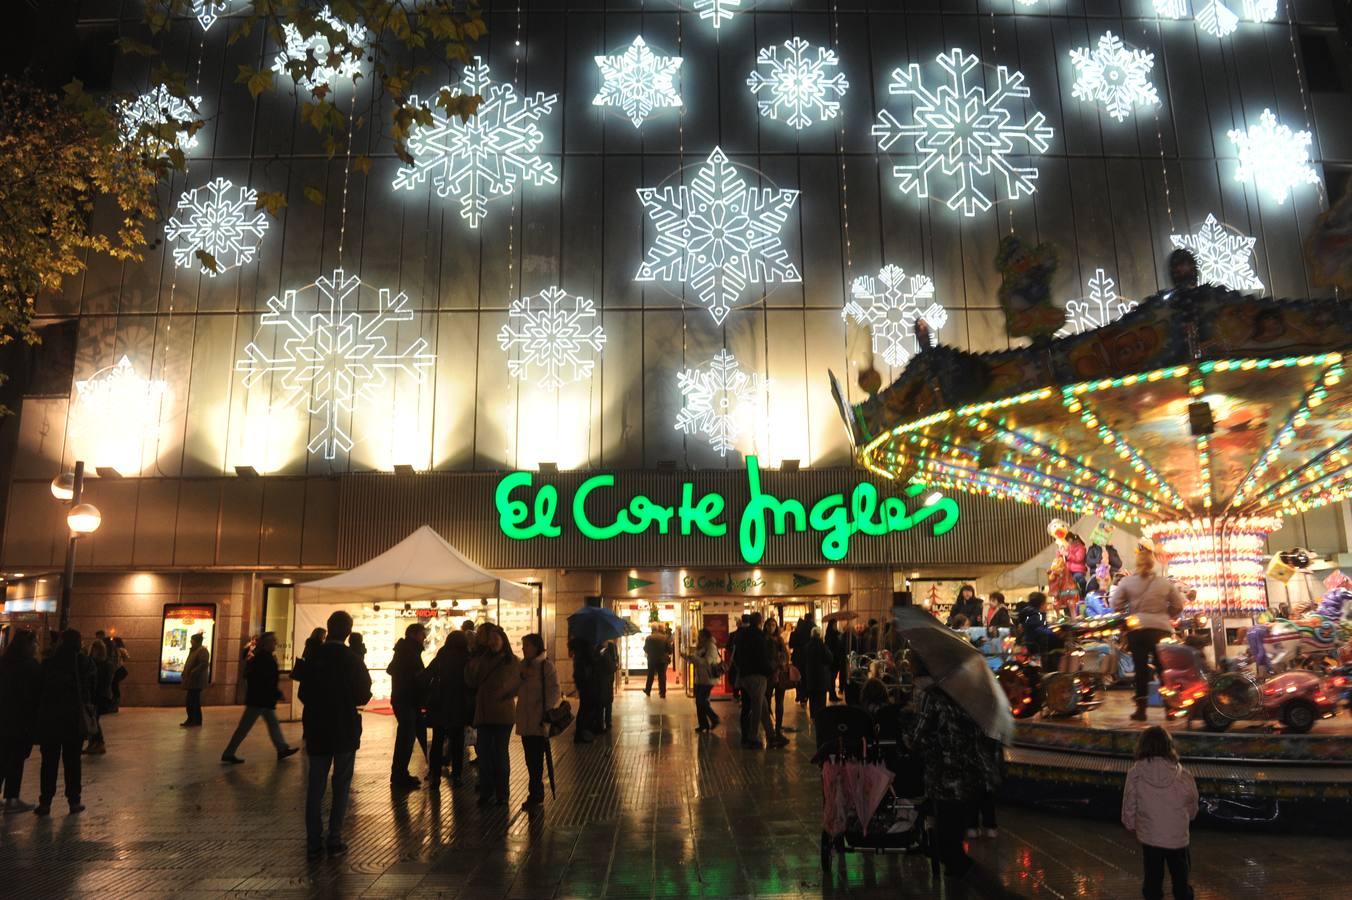 El corte ingl s contratar a personas para la campa a de navidad canarias noticias - Iluminacion vitoria ...